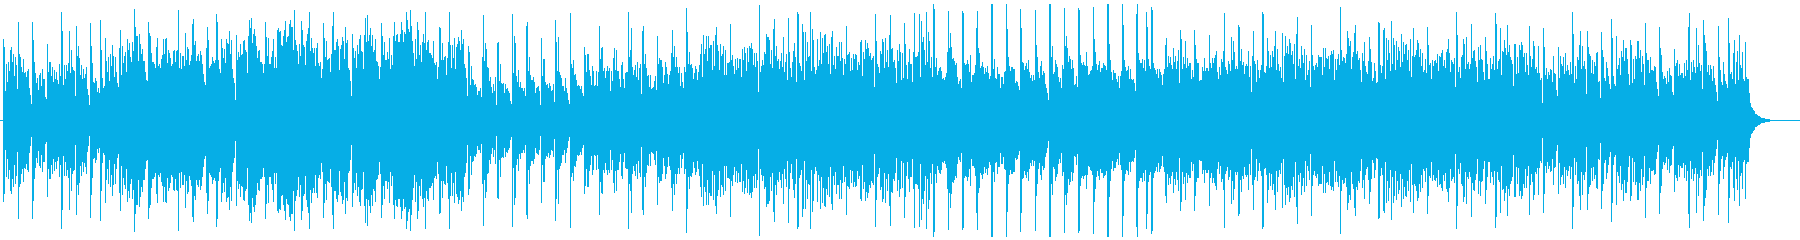 ケルト-北欧の森-ゆったり-アイリッシュの再生済みの波形